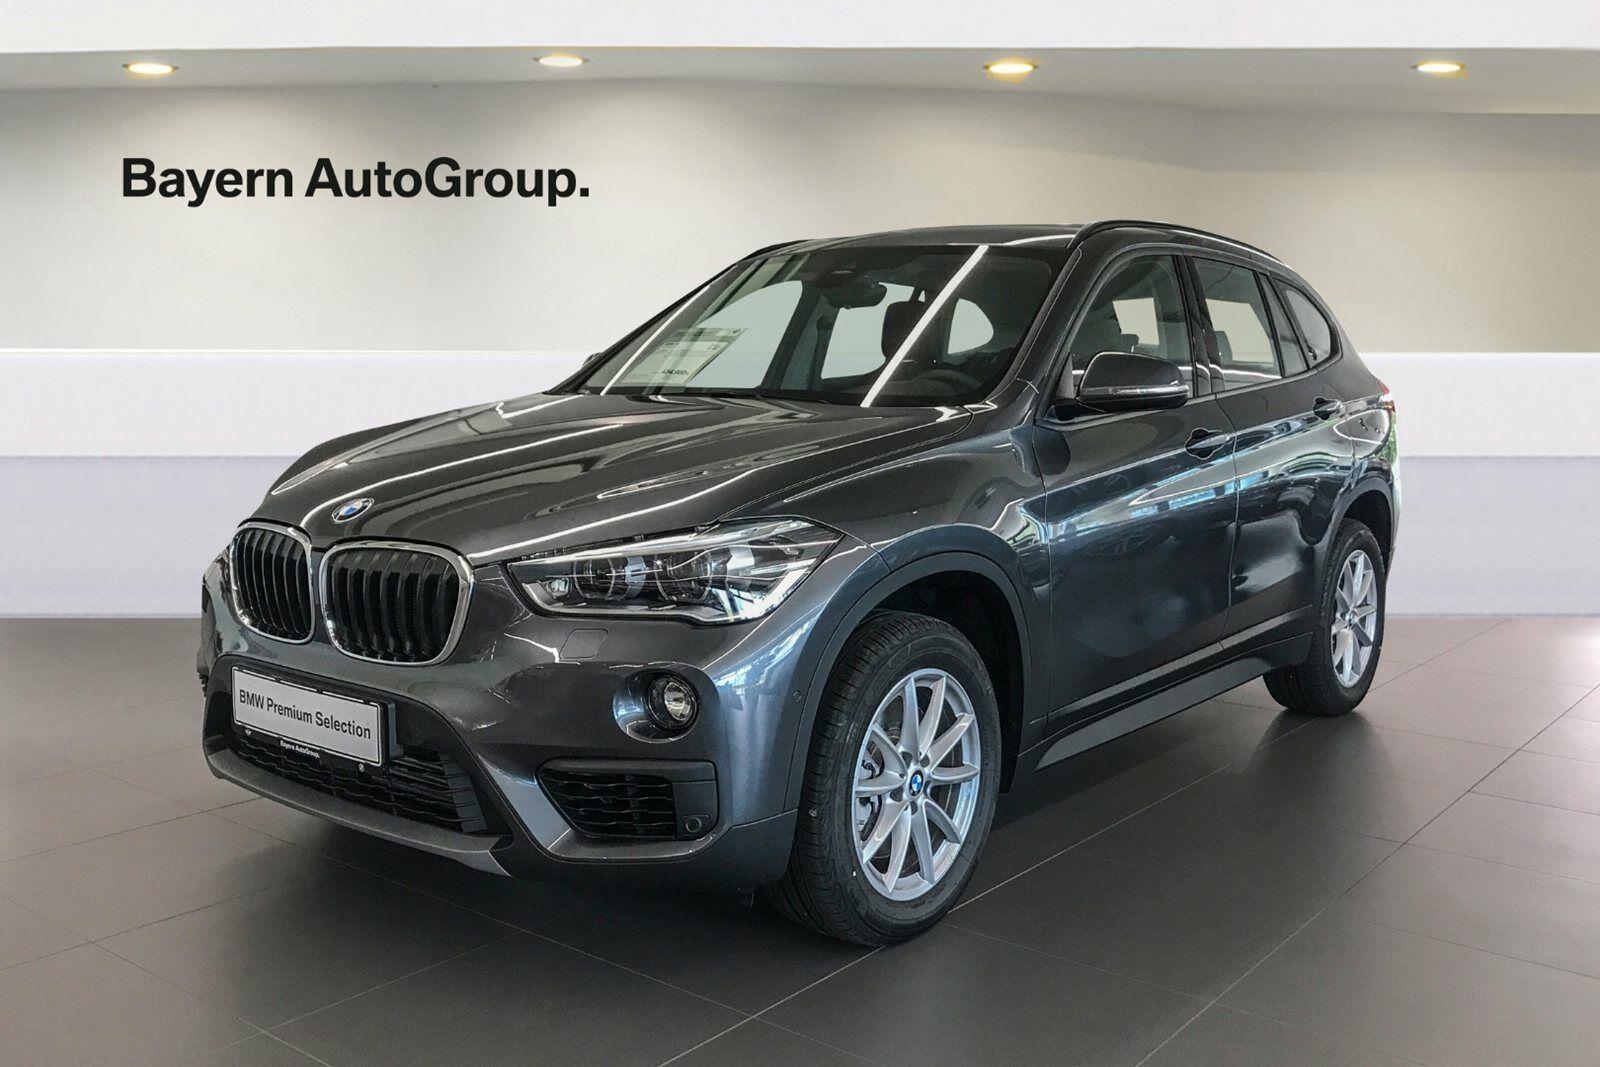 BMW X1 2,0 sDrive20i aut. 5d - 434.900 kr.